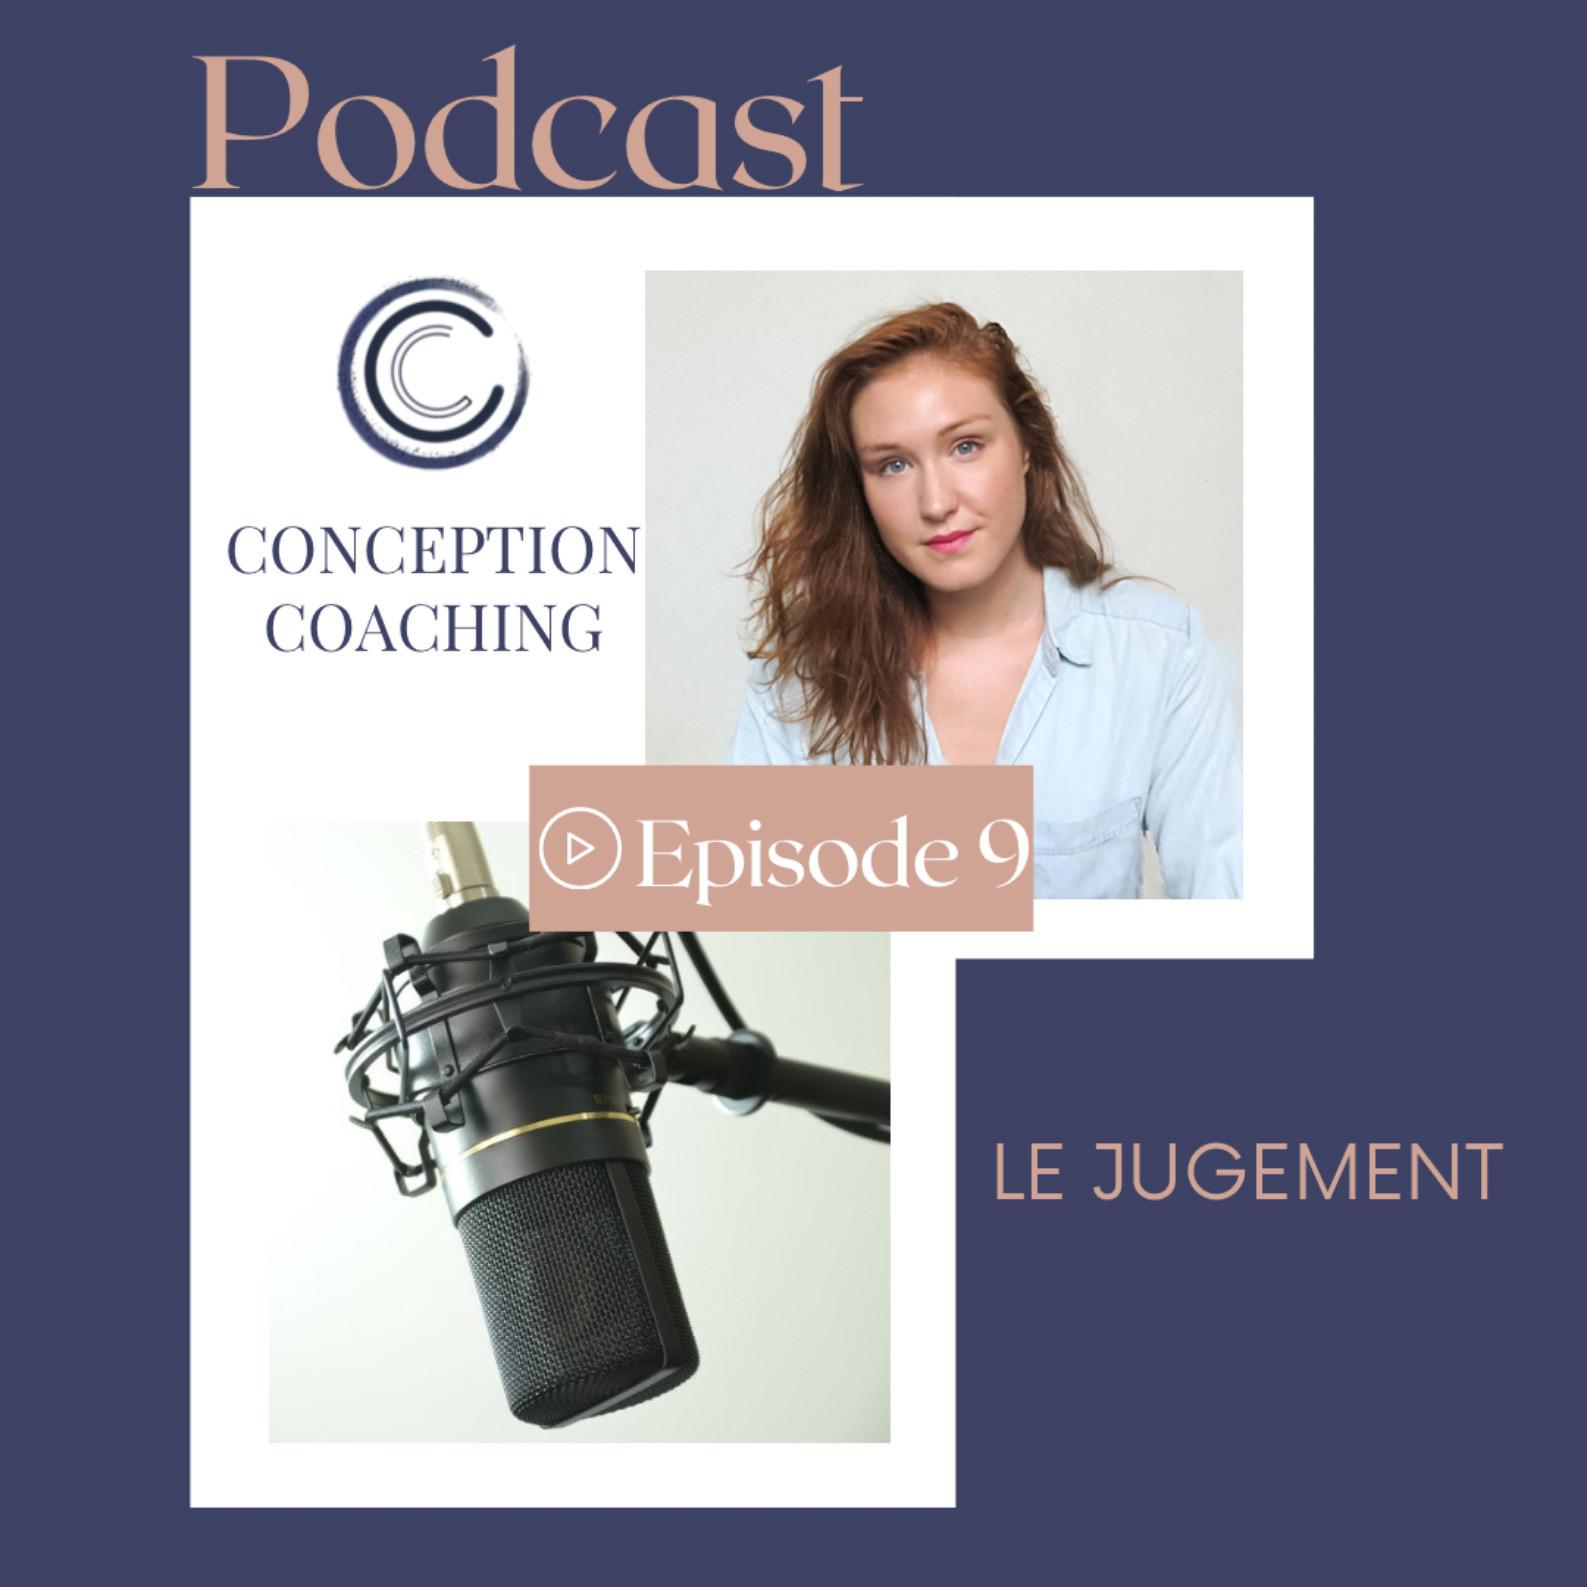 #9 Le Jugement